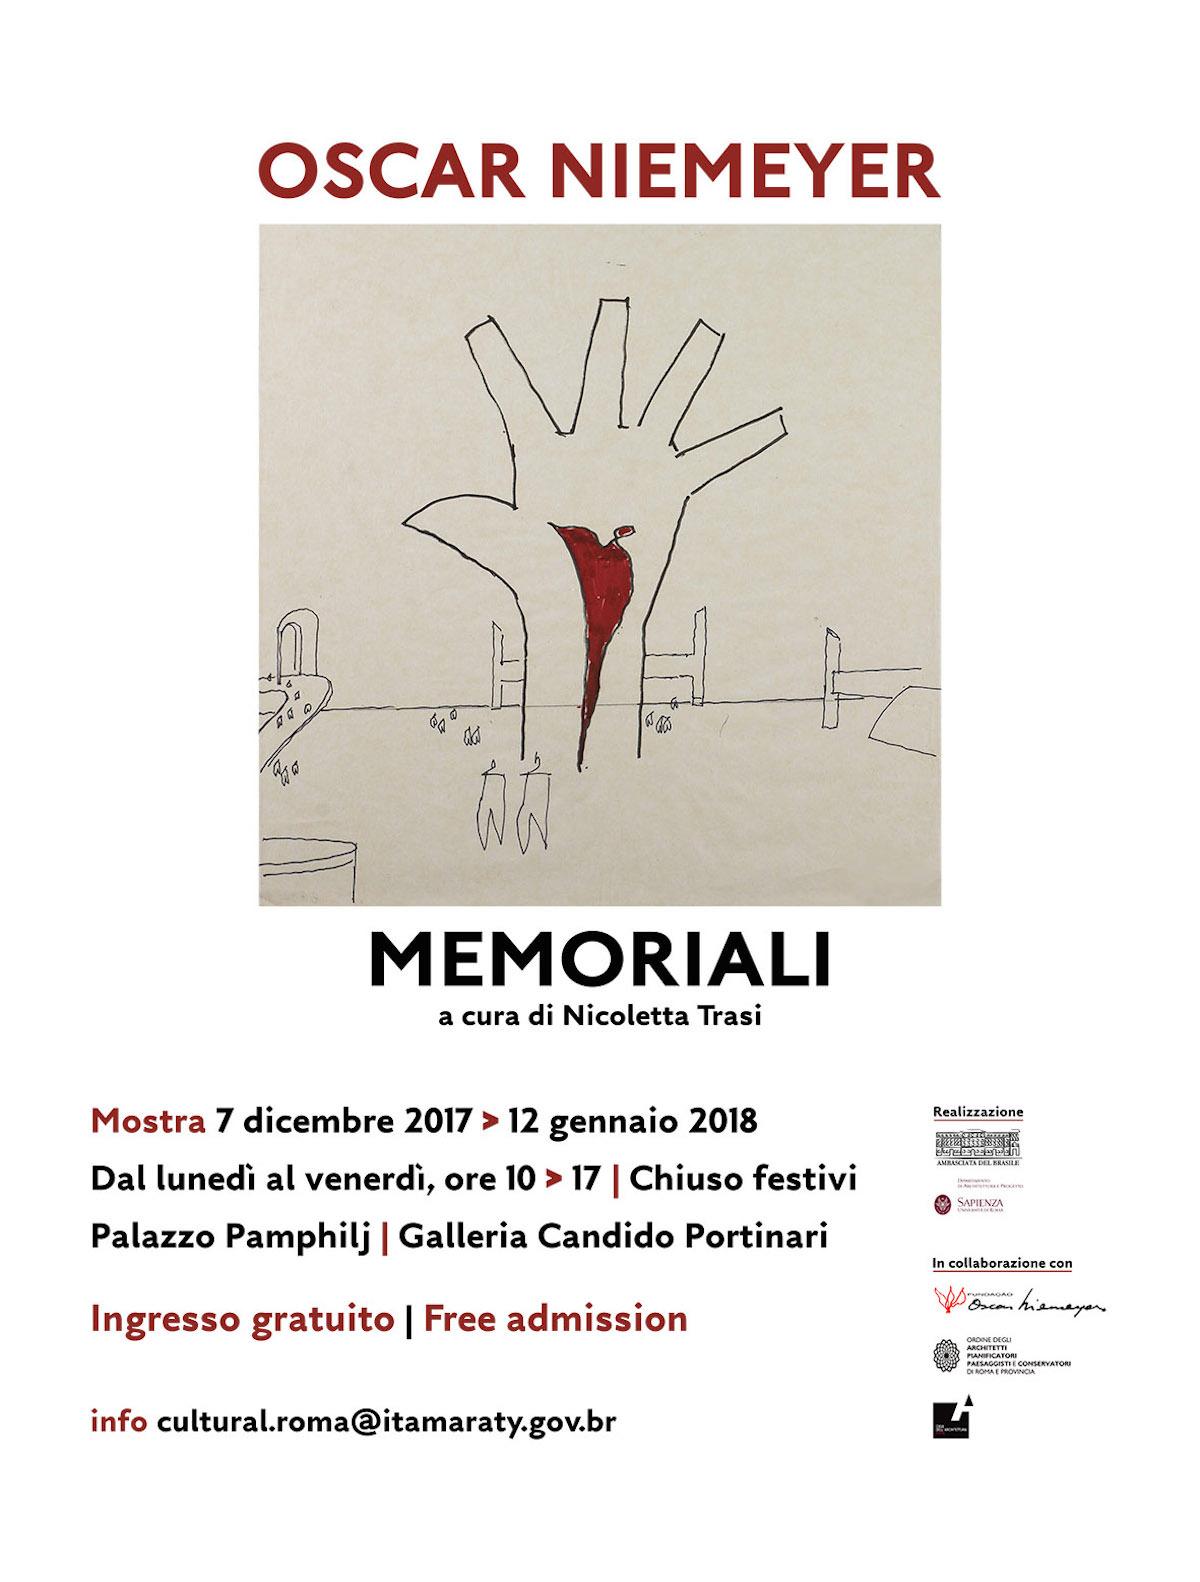 Oscar Niemeyer. Memoriali